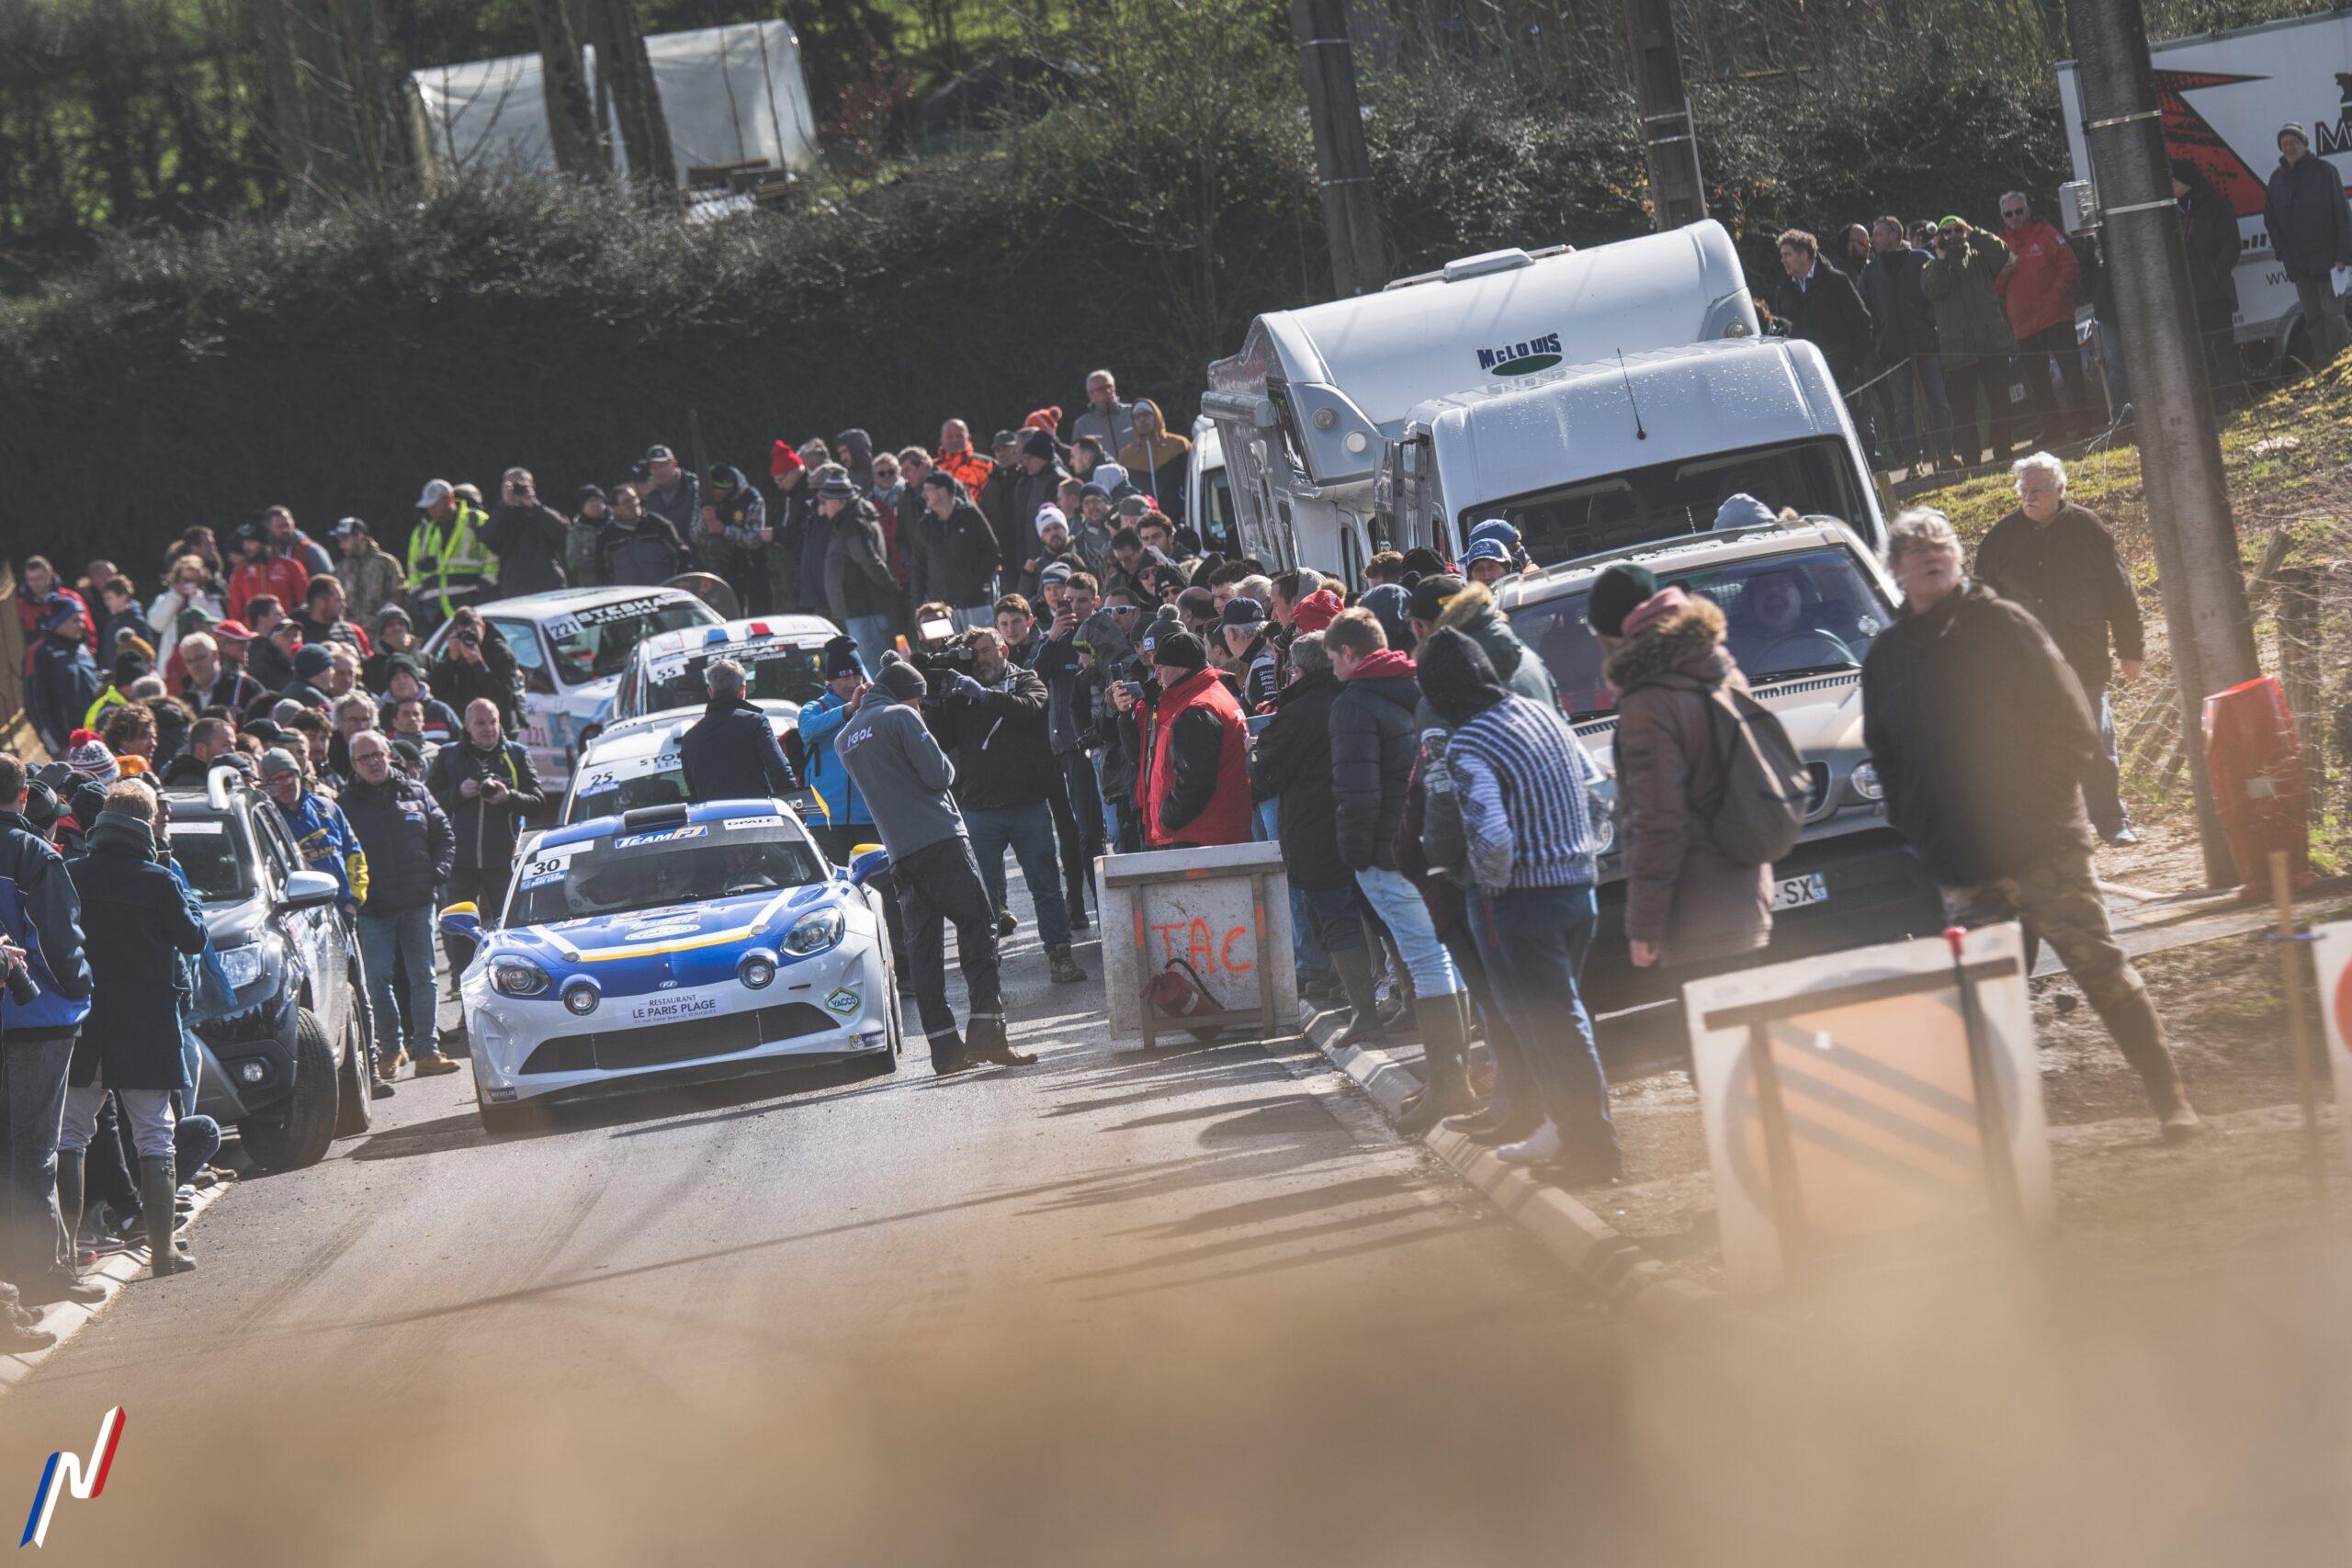 Rallye Touquet 2020 RGT A110 rally teamFJ signatech